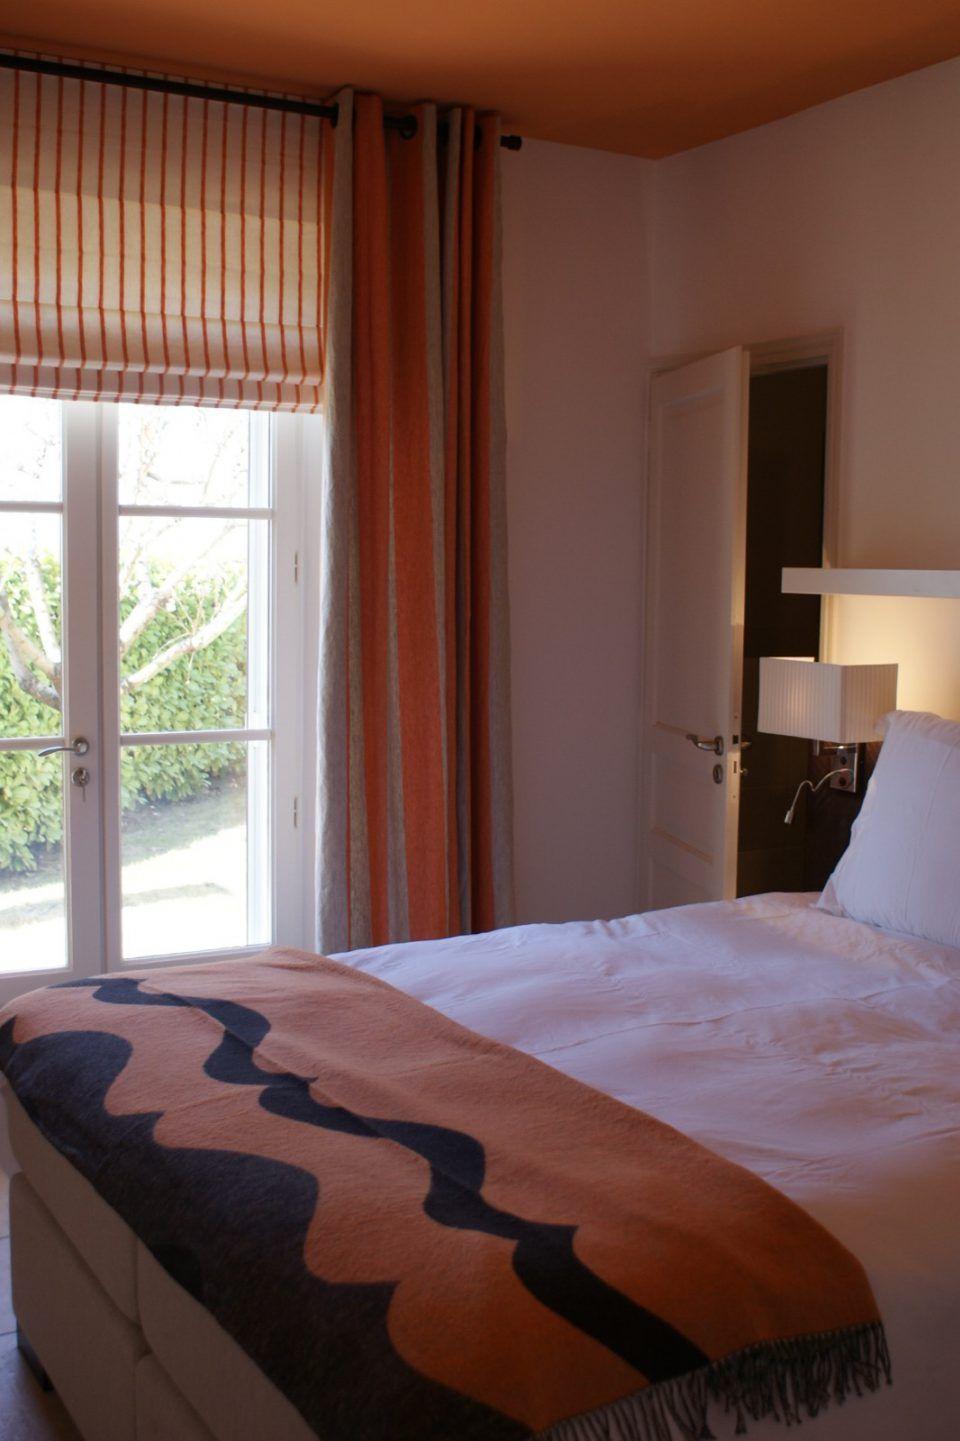 Slaapkamer inrichting met luxe bed | slaapkamer inspiratie | bedroom ...